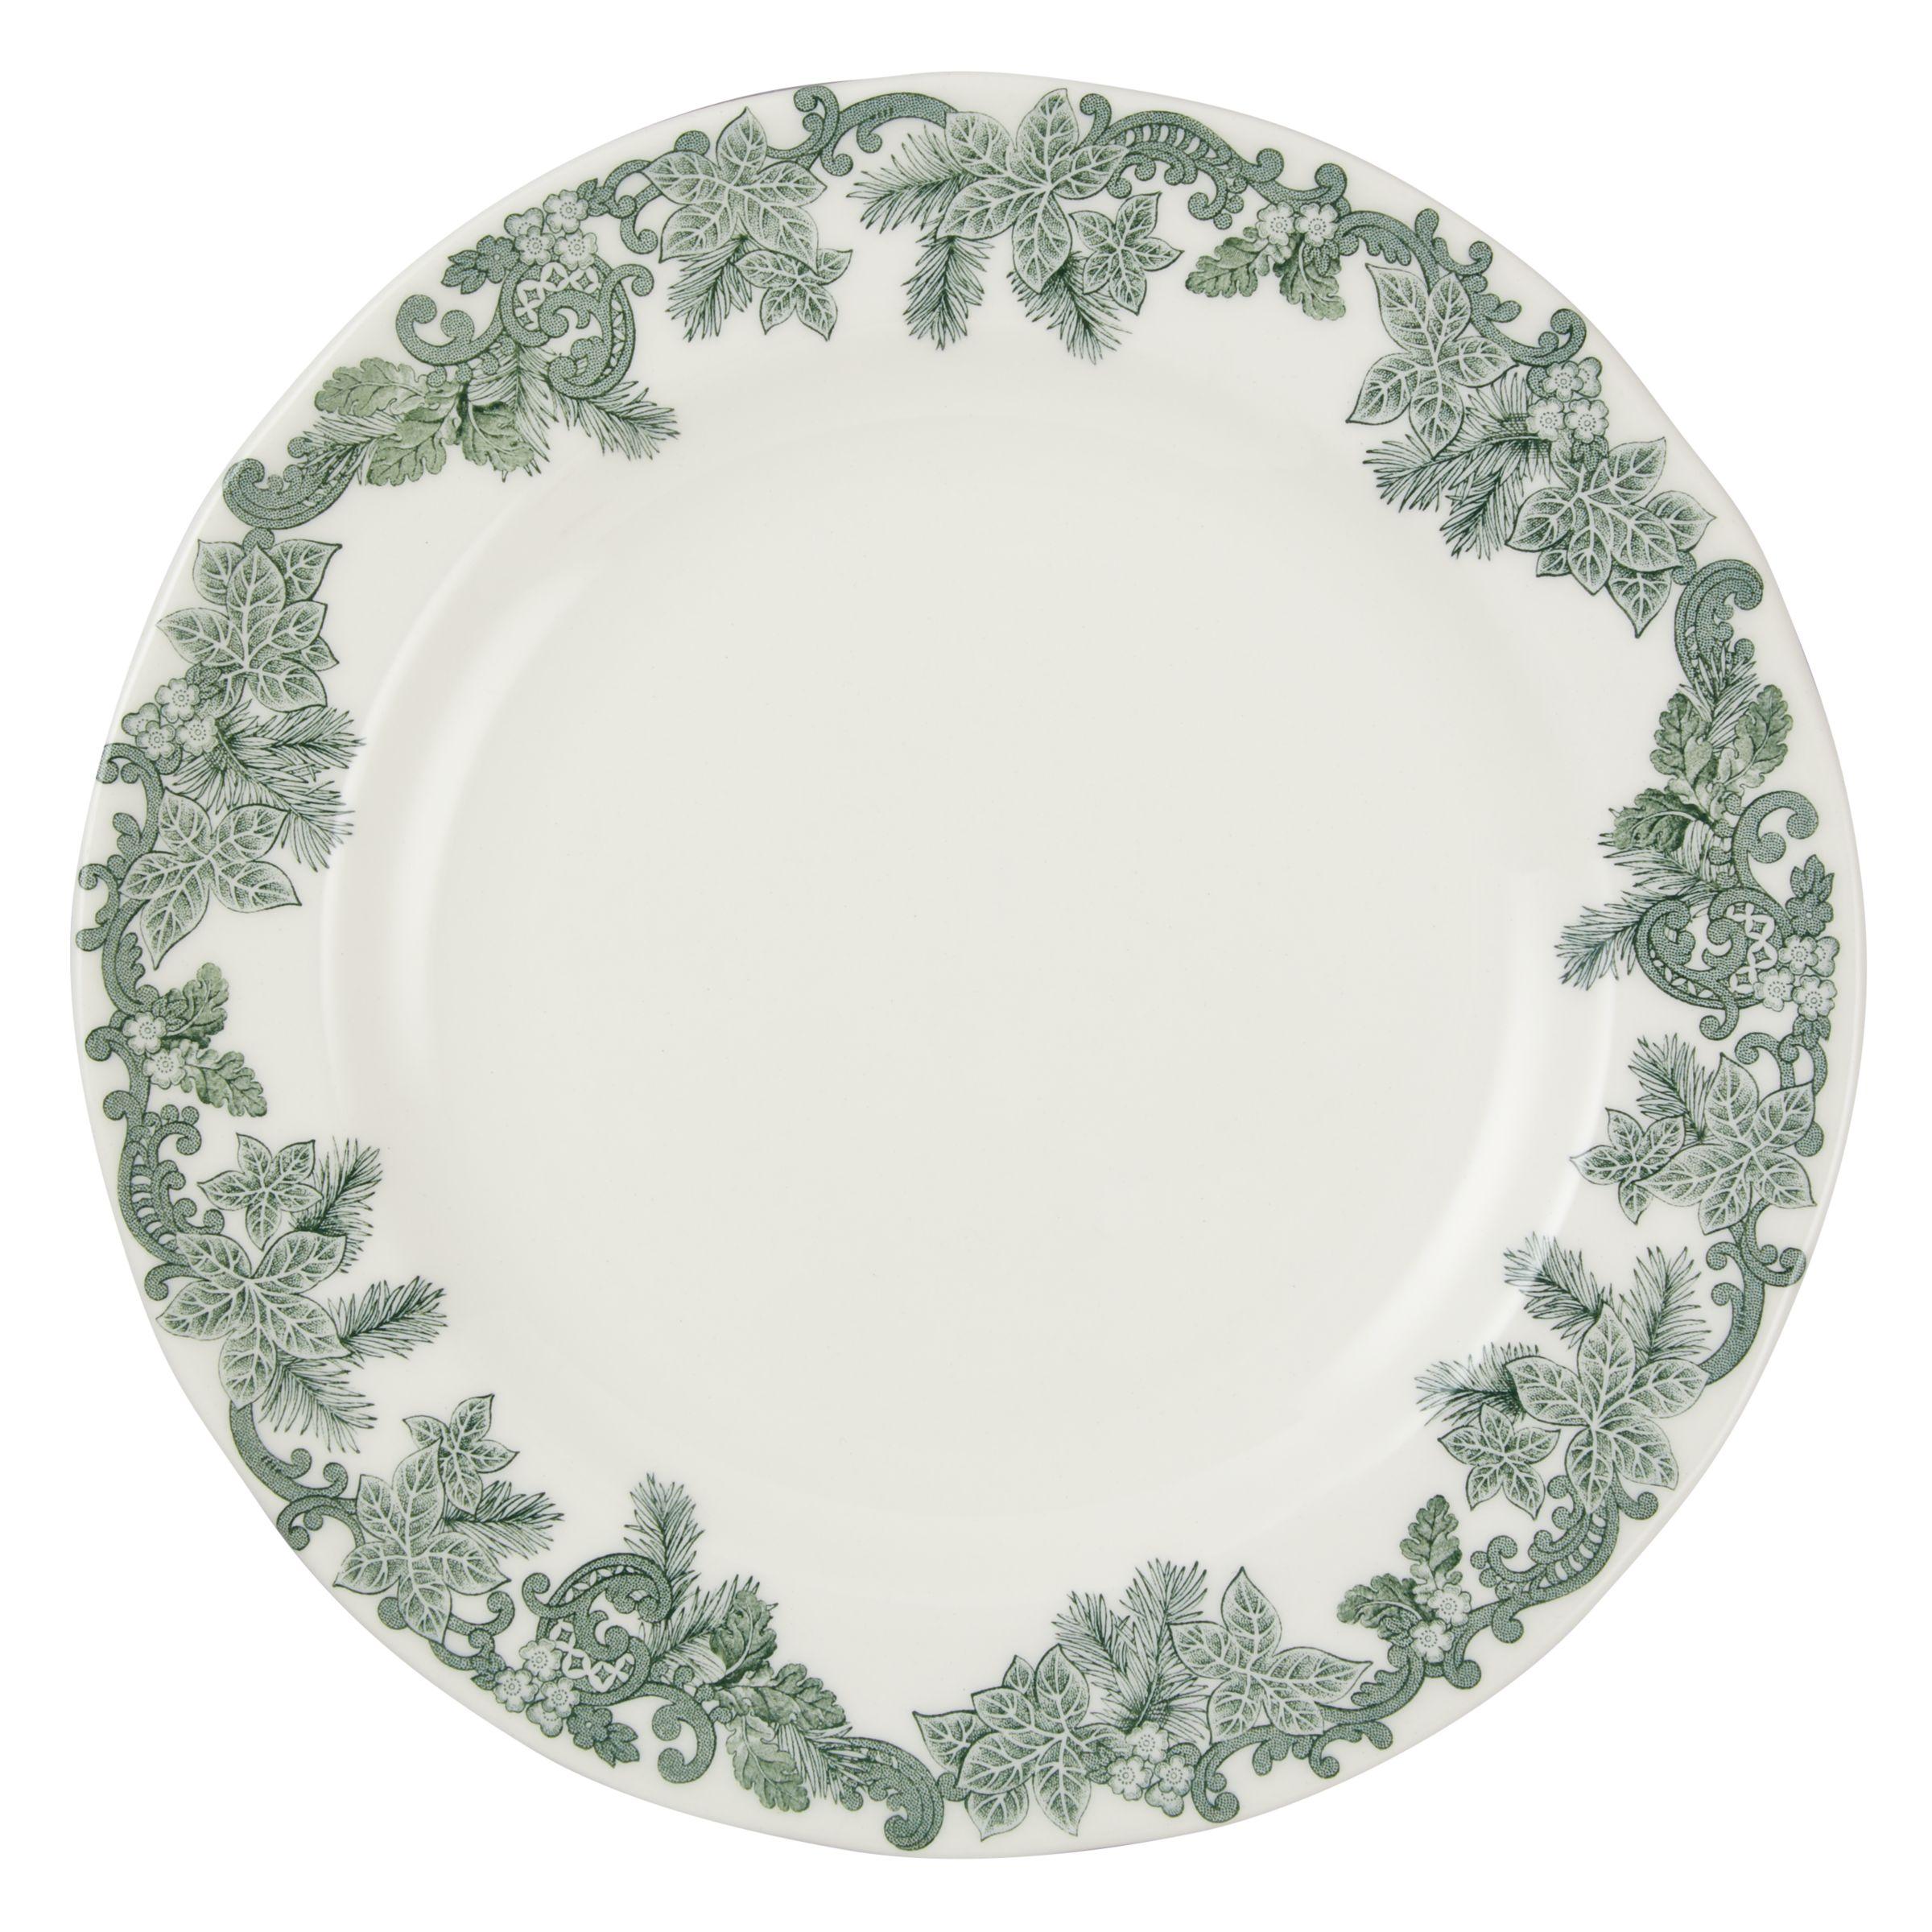 Spode Spode Ruskin House 'Wreath' 20cm Plate, White / Green